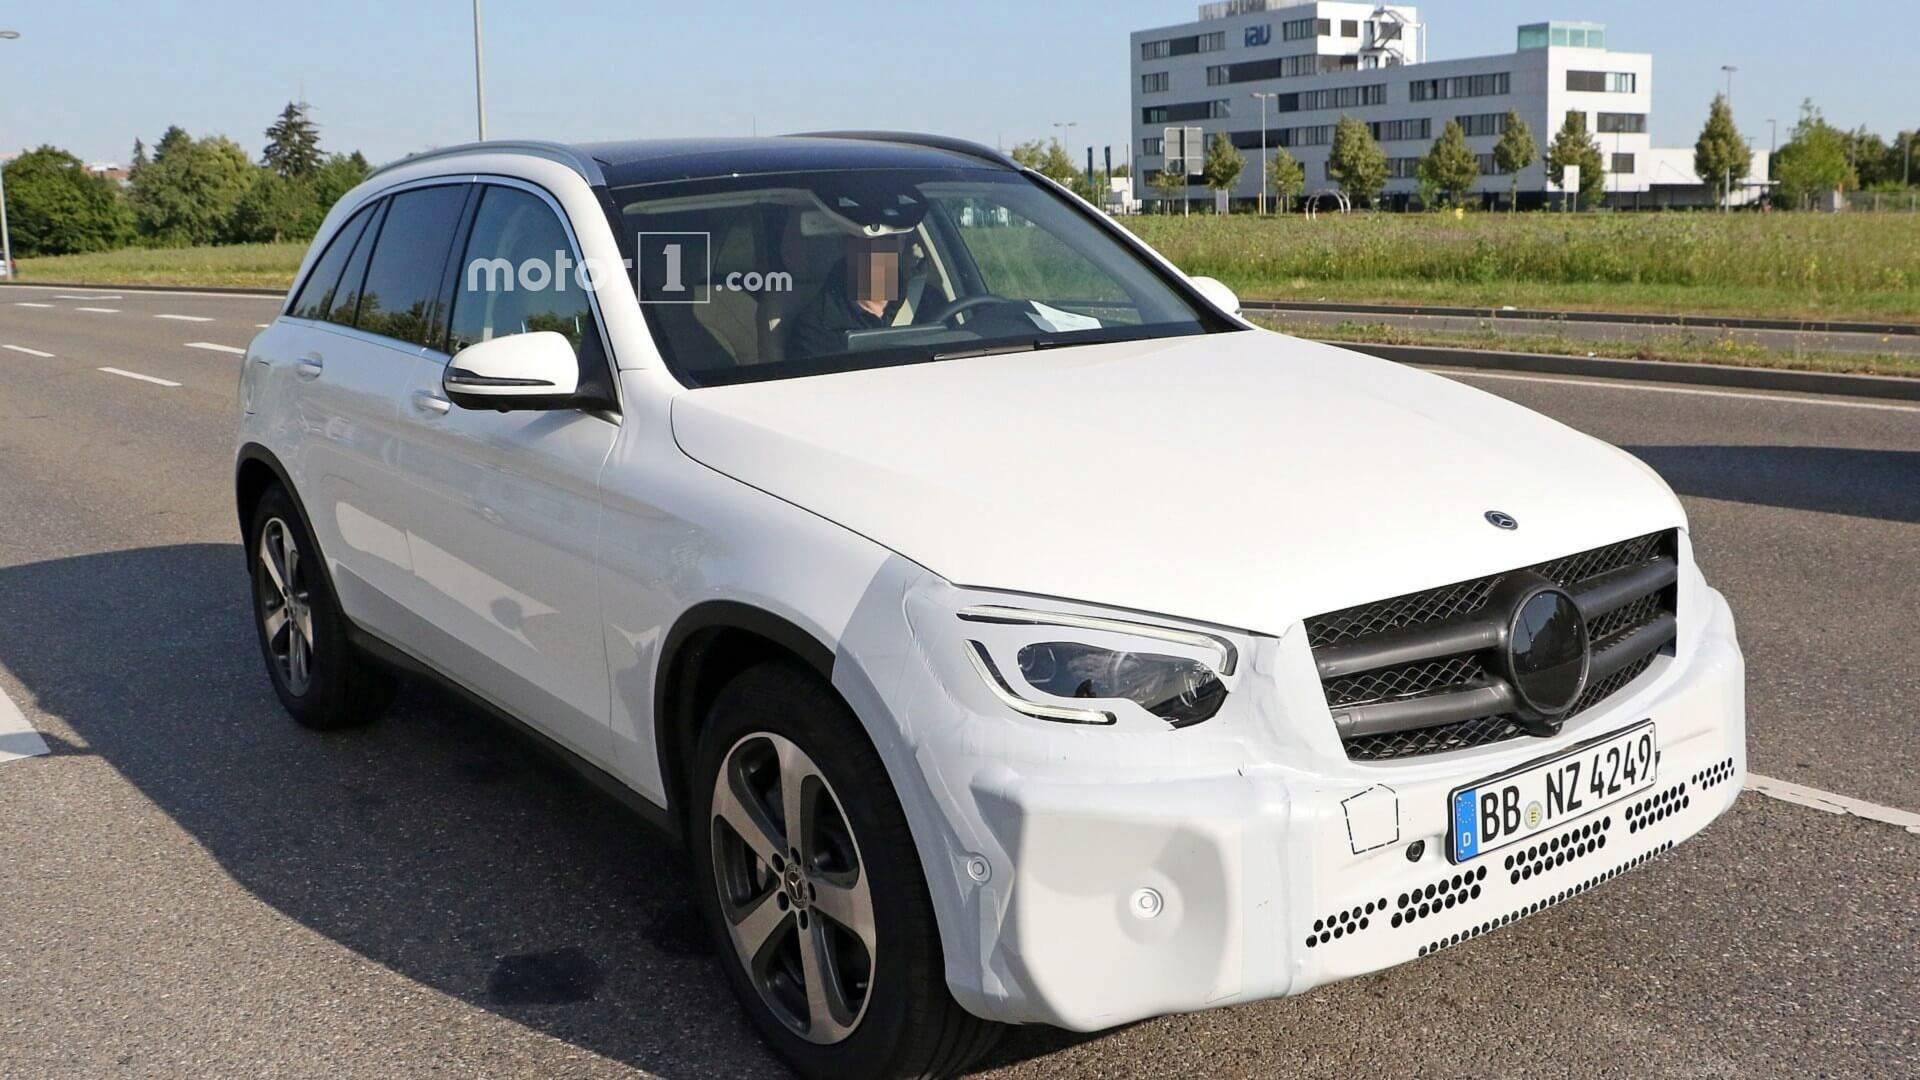 2018 - [Mercedes-Benz] GLC/GLC Coupé restylés 2019-mercedes-glc-facelift-spy-photo